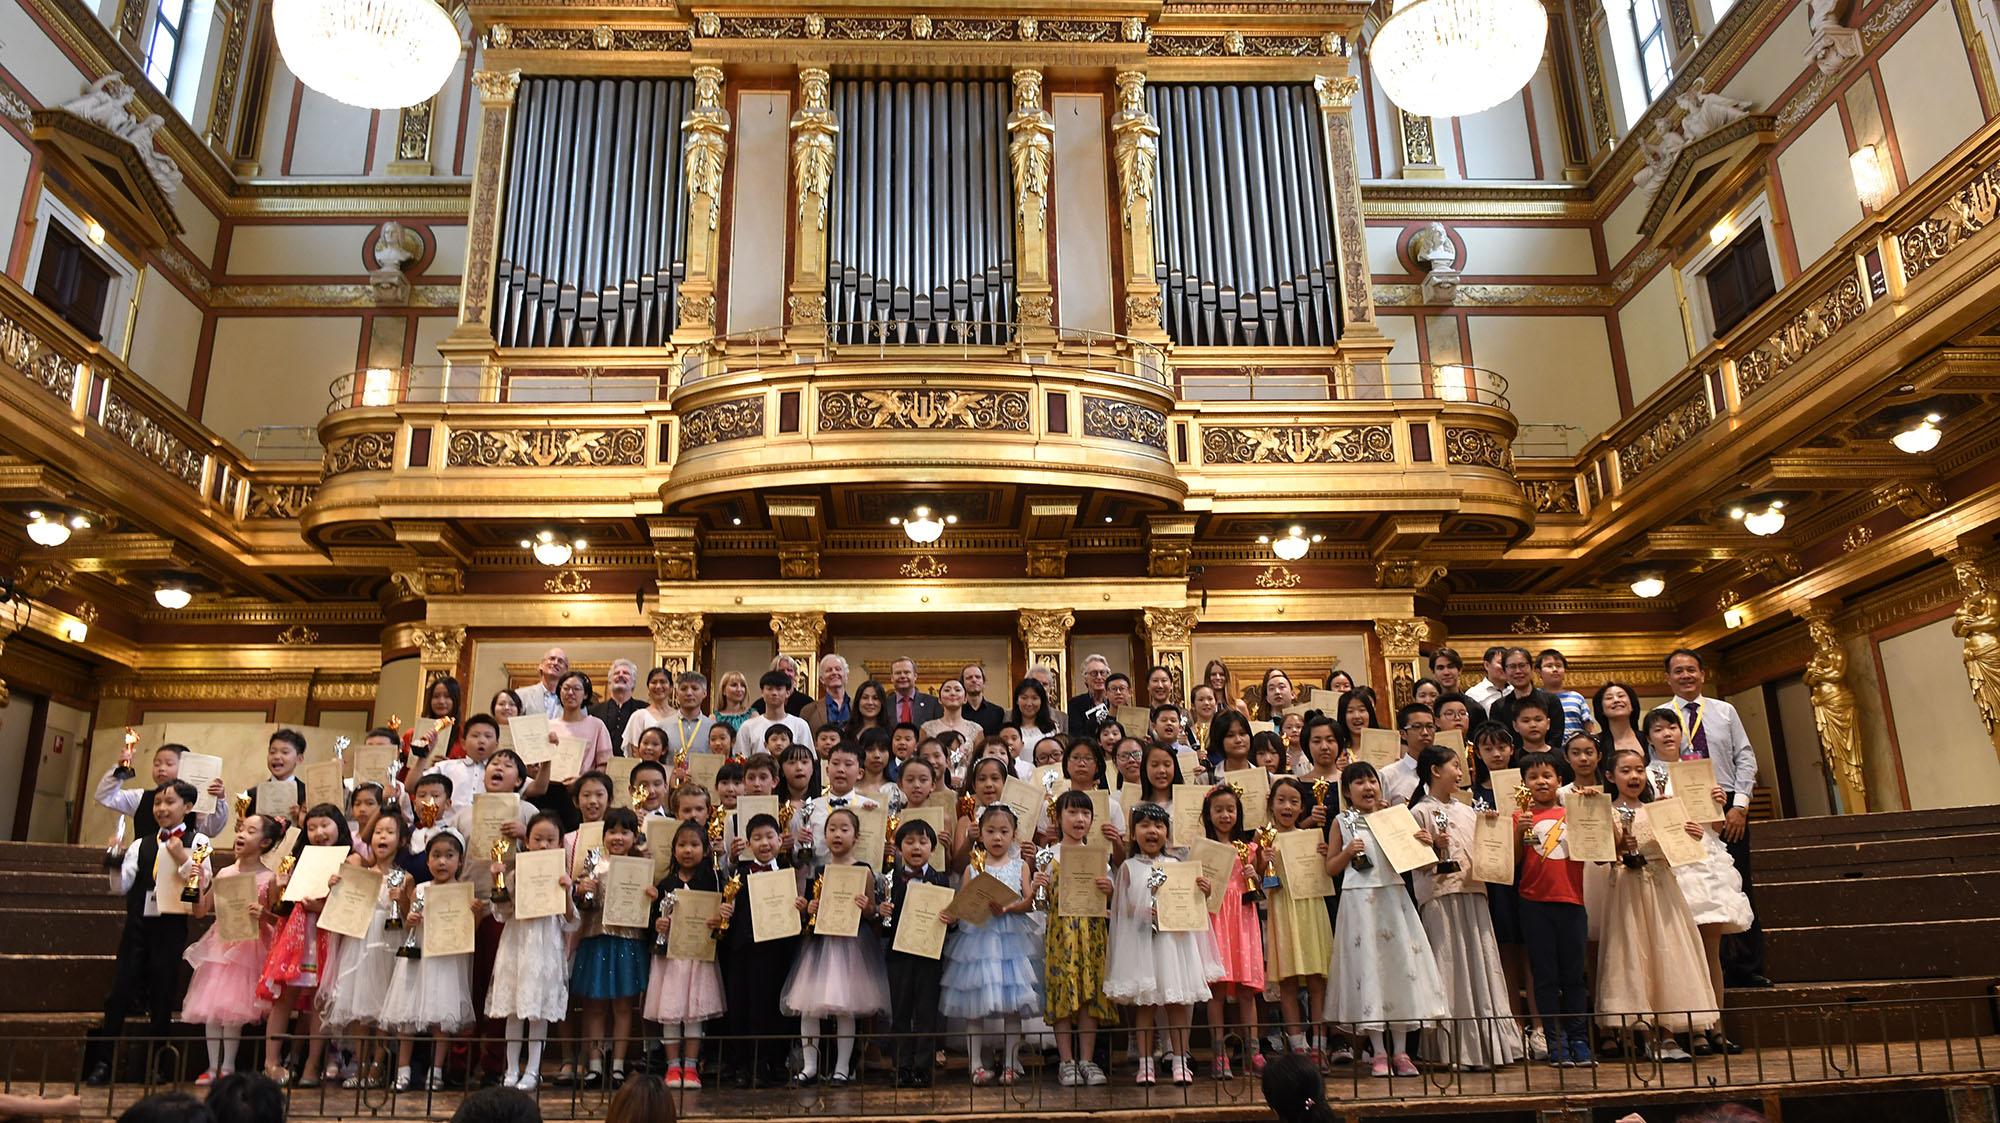 2019Großer Saal des Wiener Musikvereins, Österreich